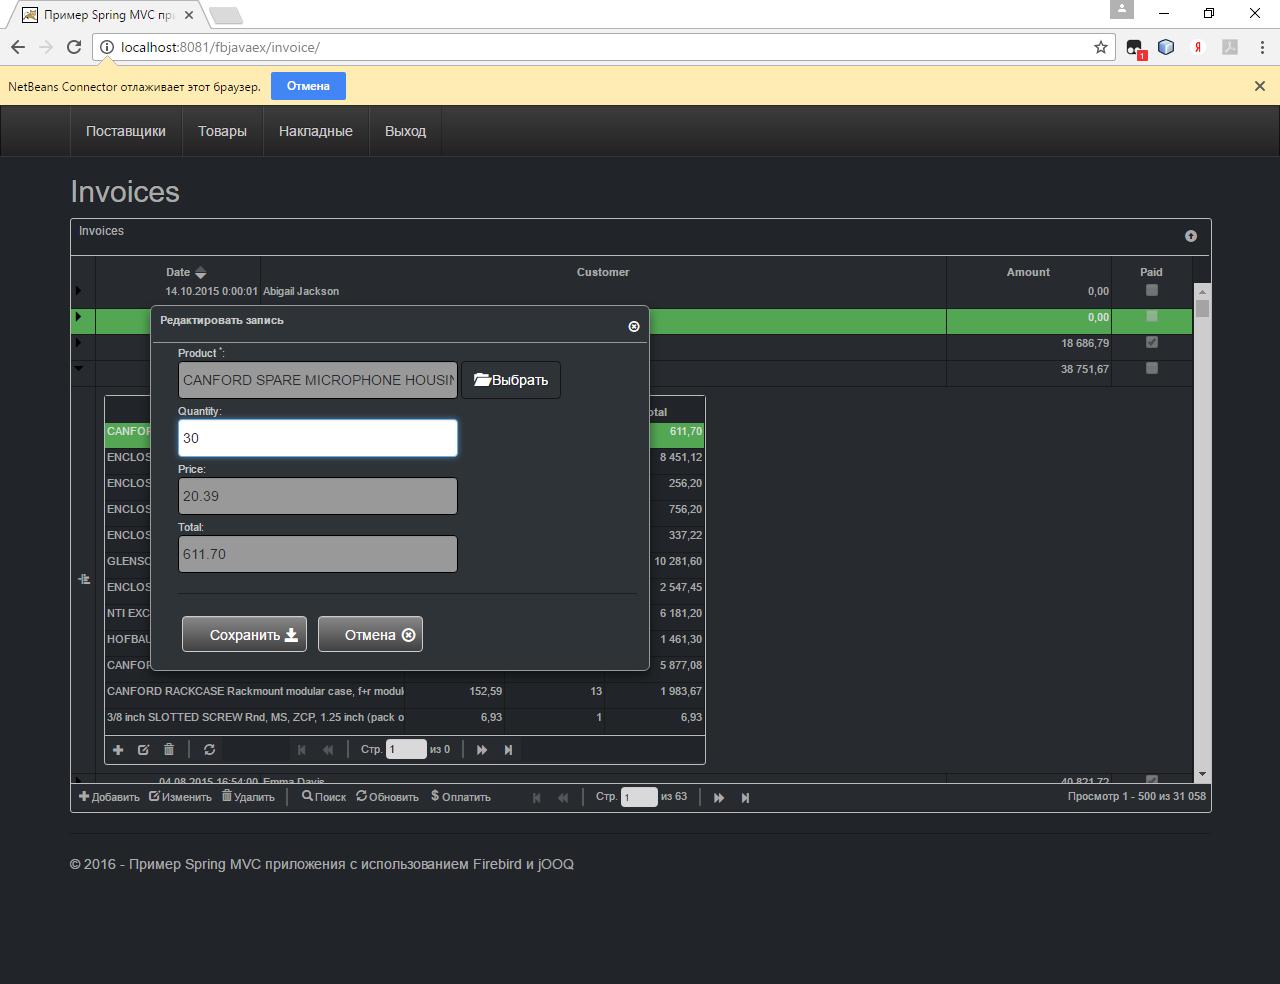 Создание приложений с использованием Firebird, jOOQ и Spring MVC - 6